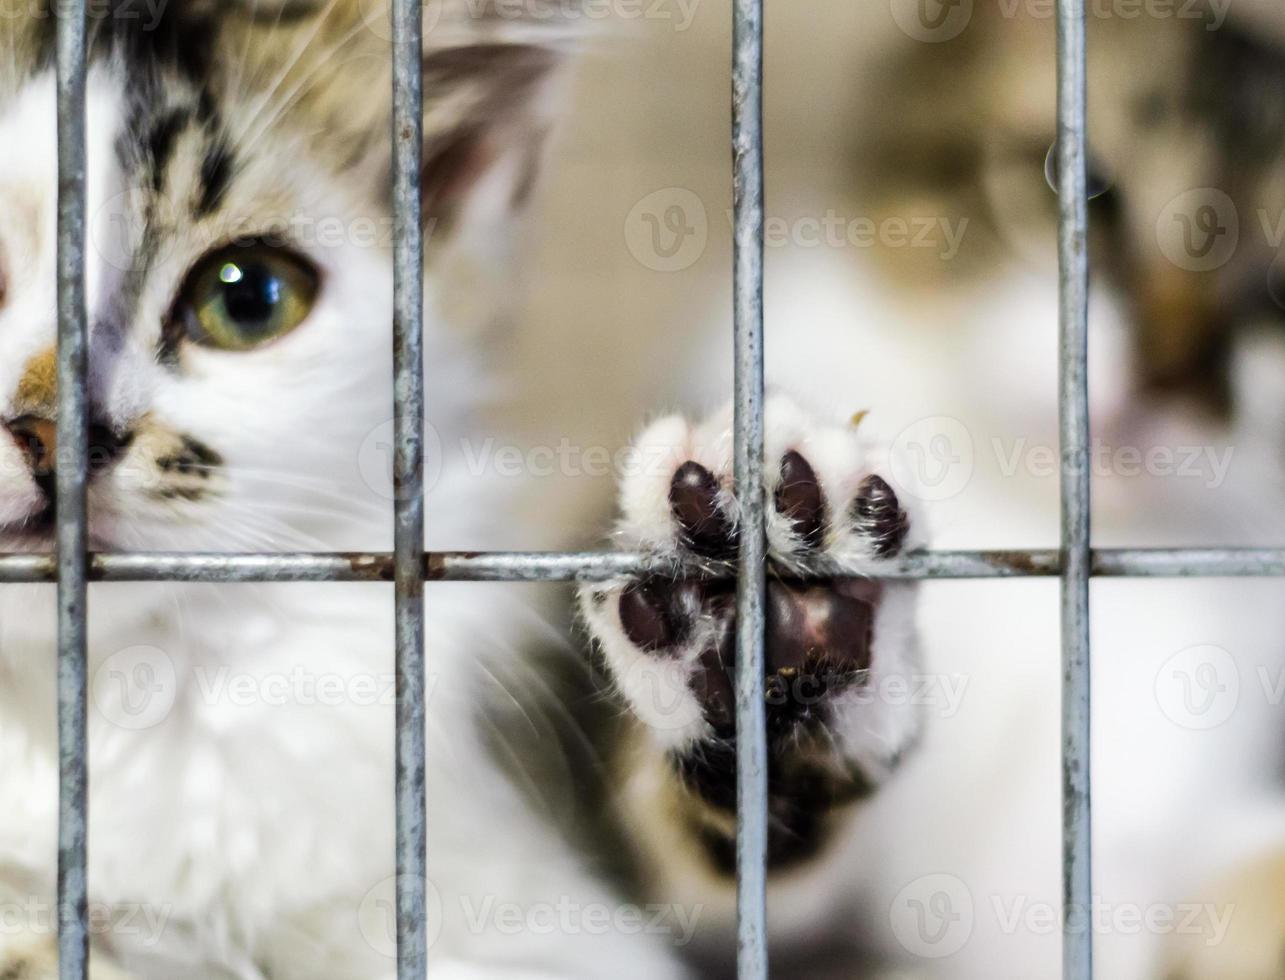 kittens in een kooi foto